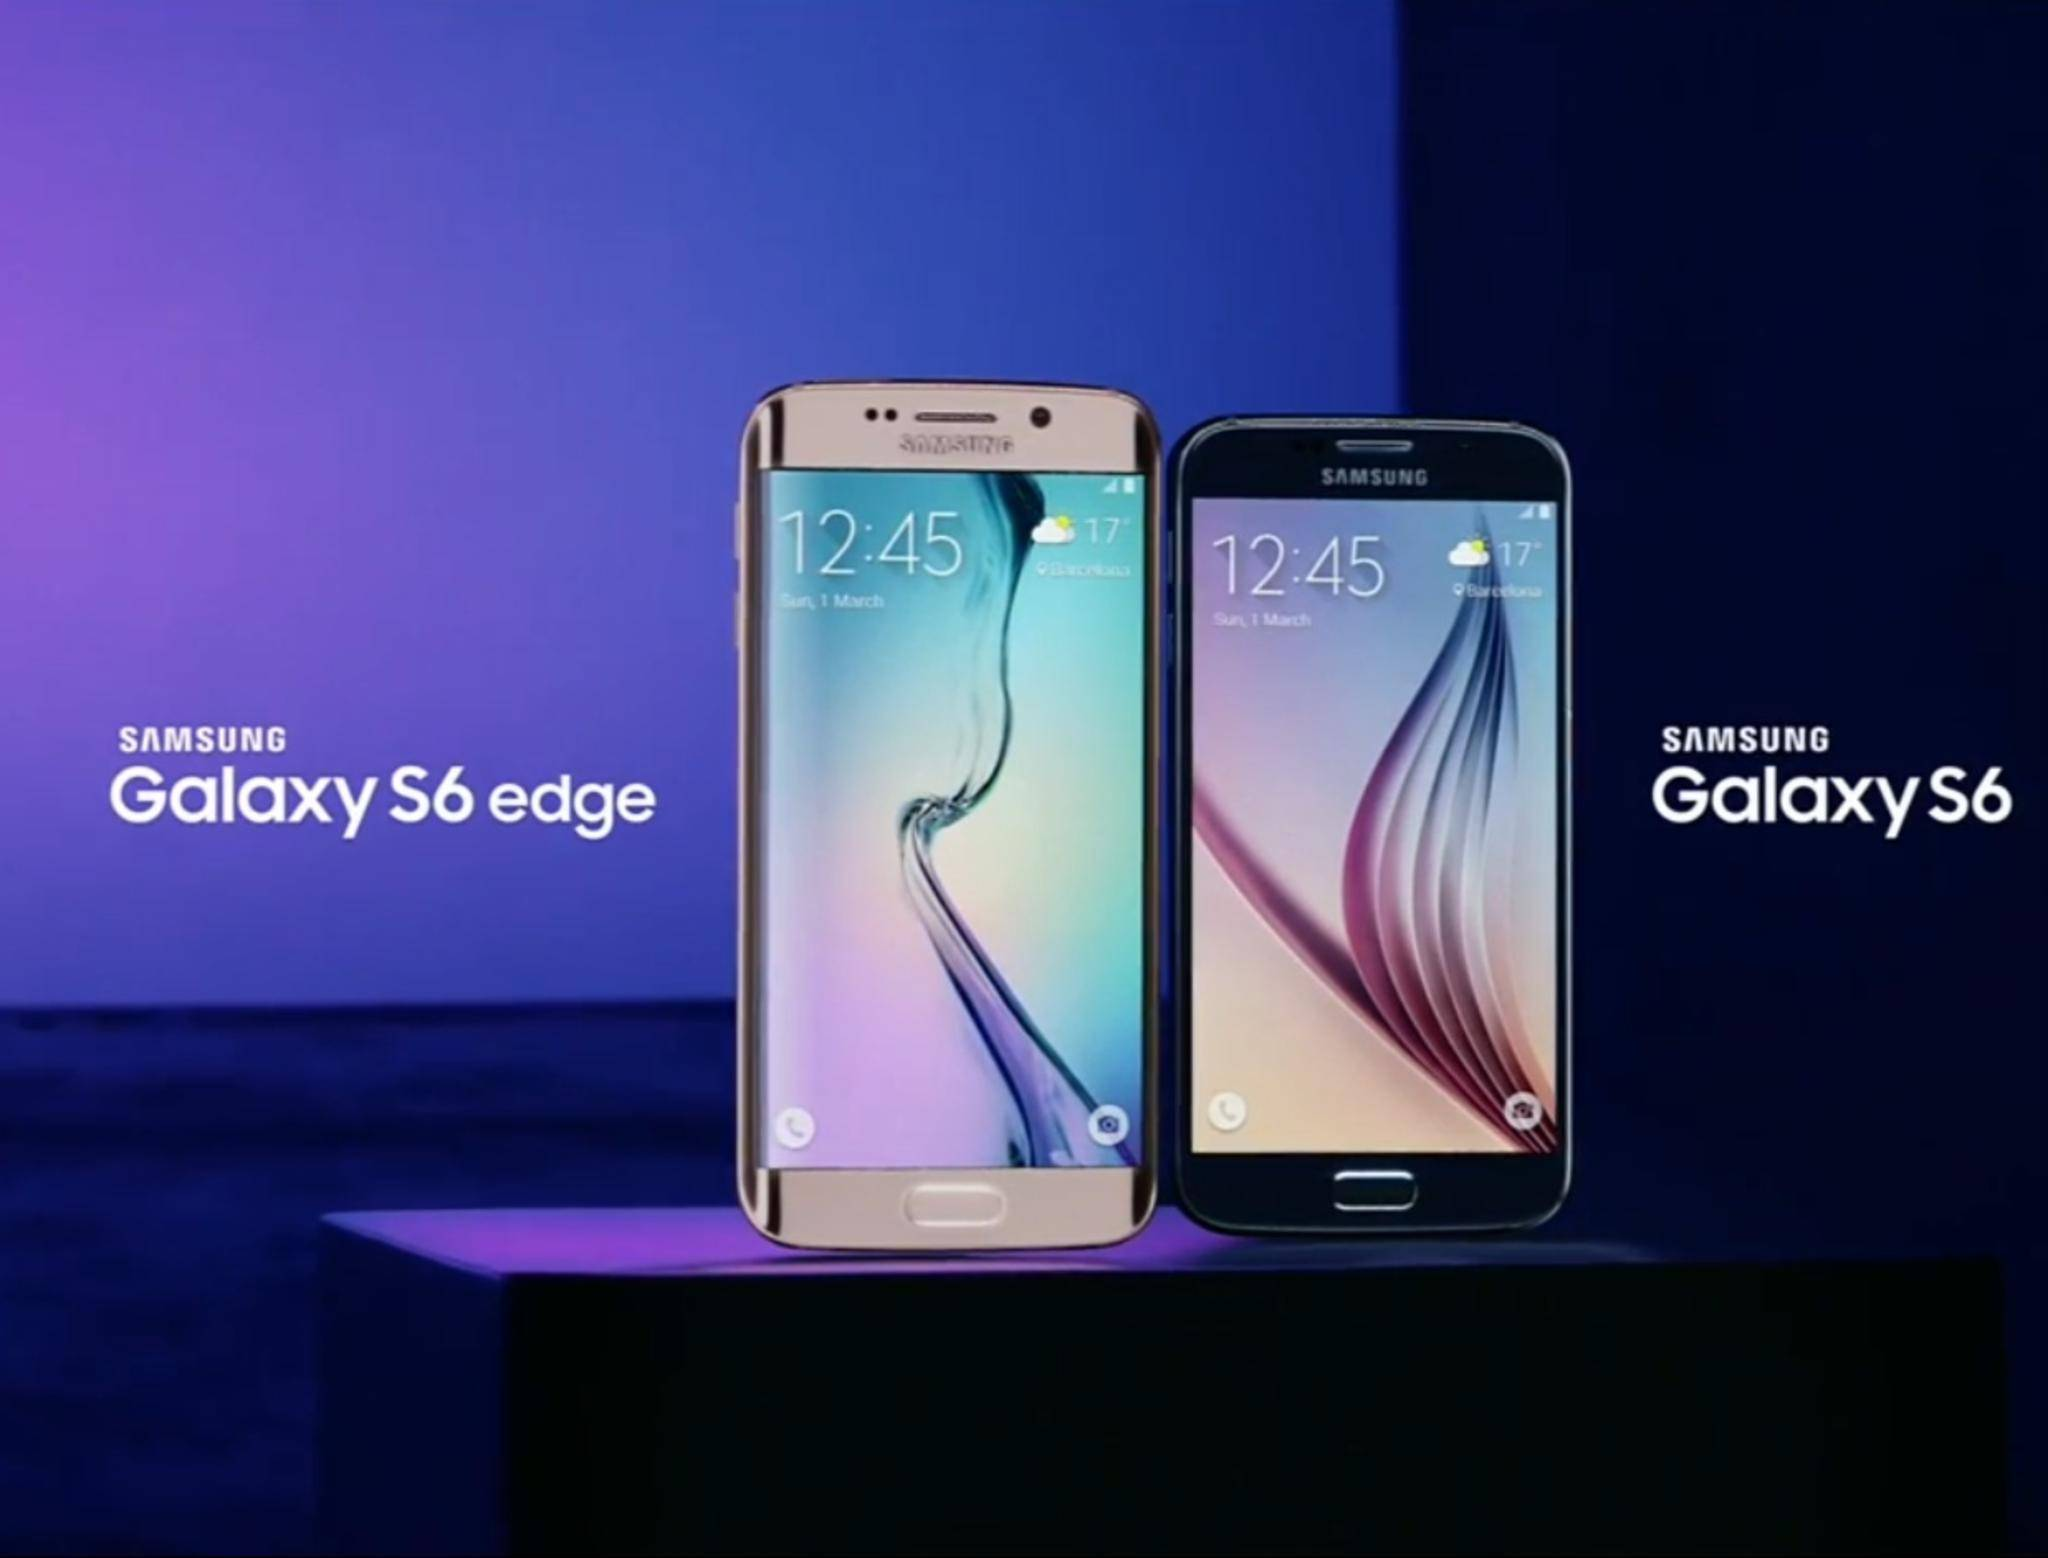 Starkes Duo: das Samsung Galaxy S6 edge und Galaxy S6